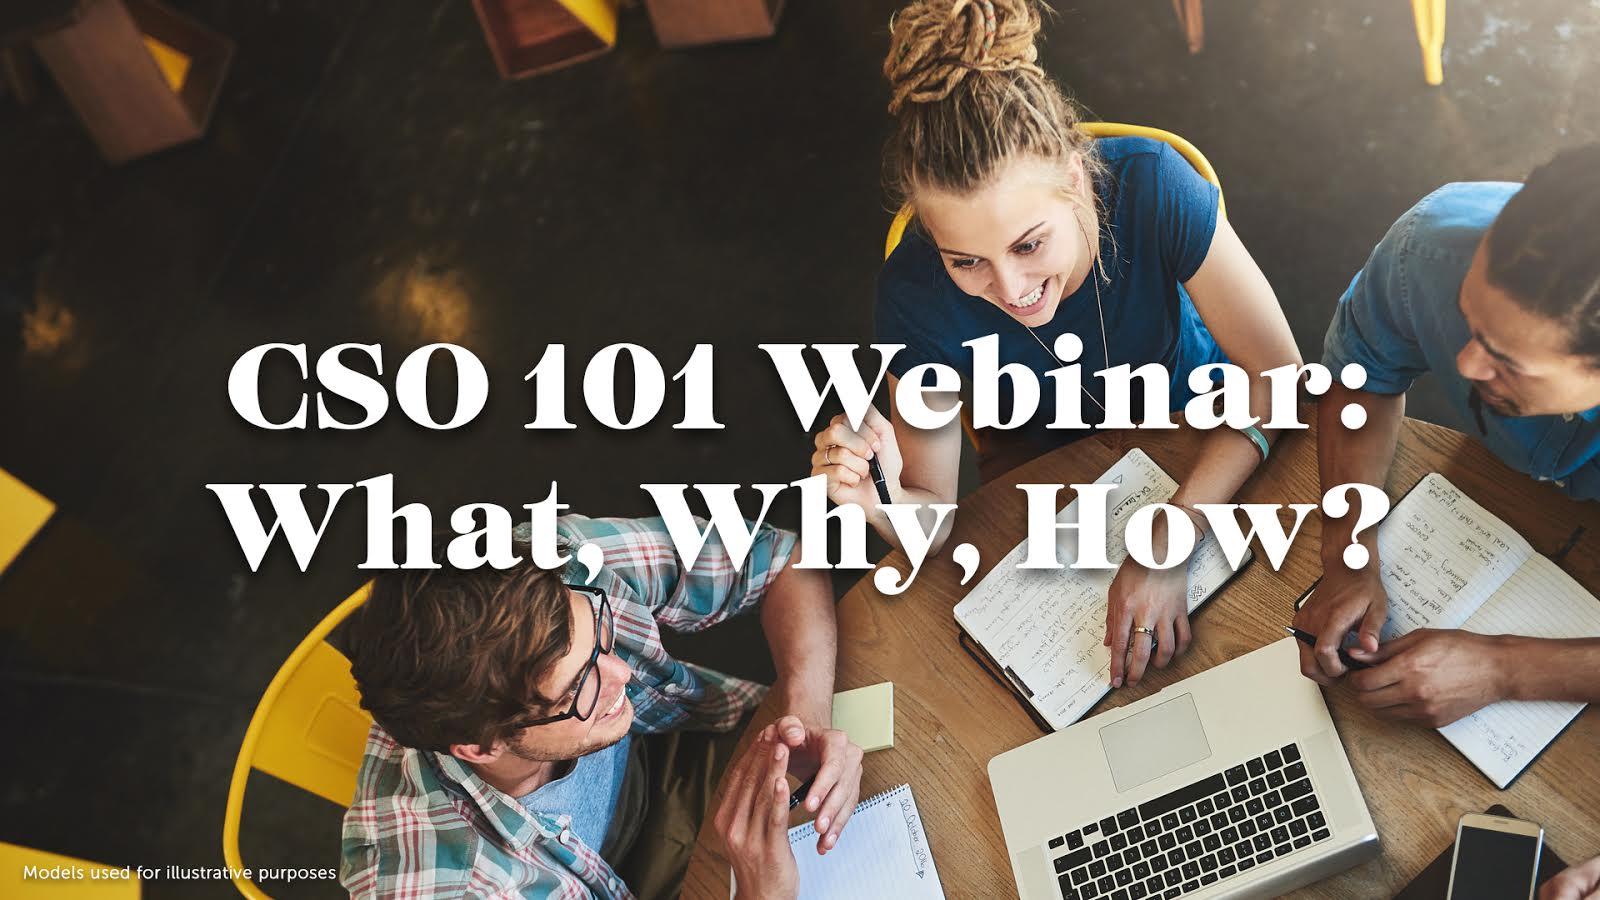 CSO 101 Webinar: What? Why? How?